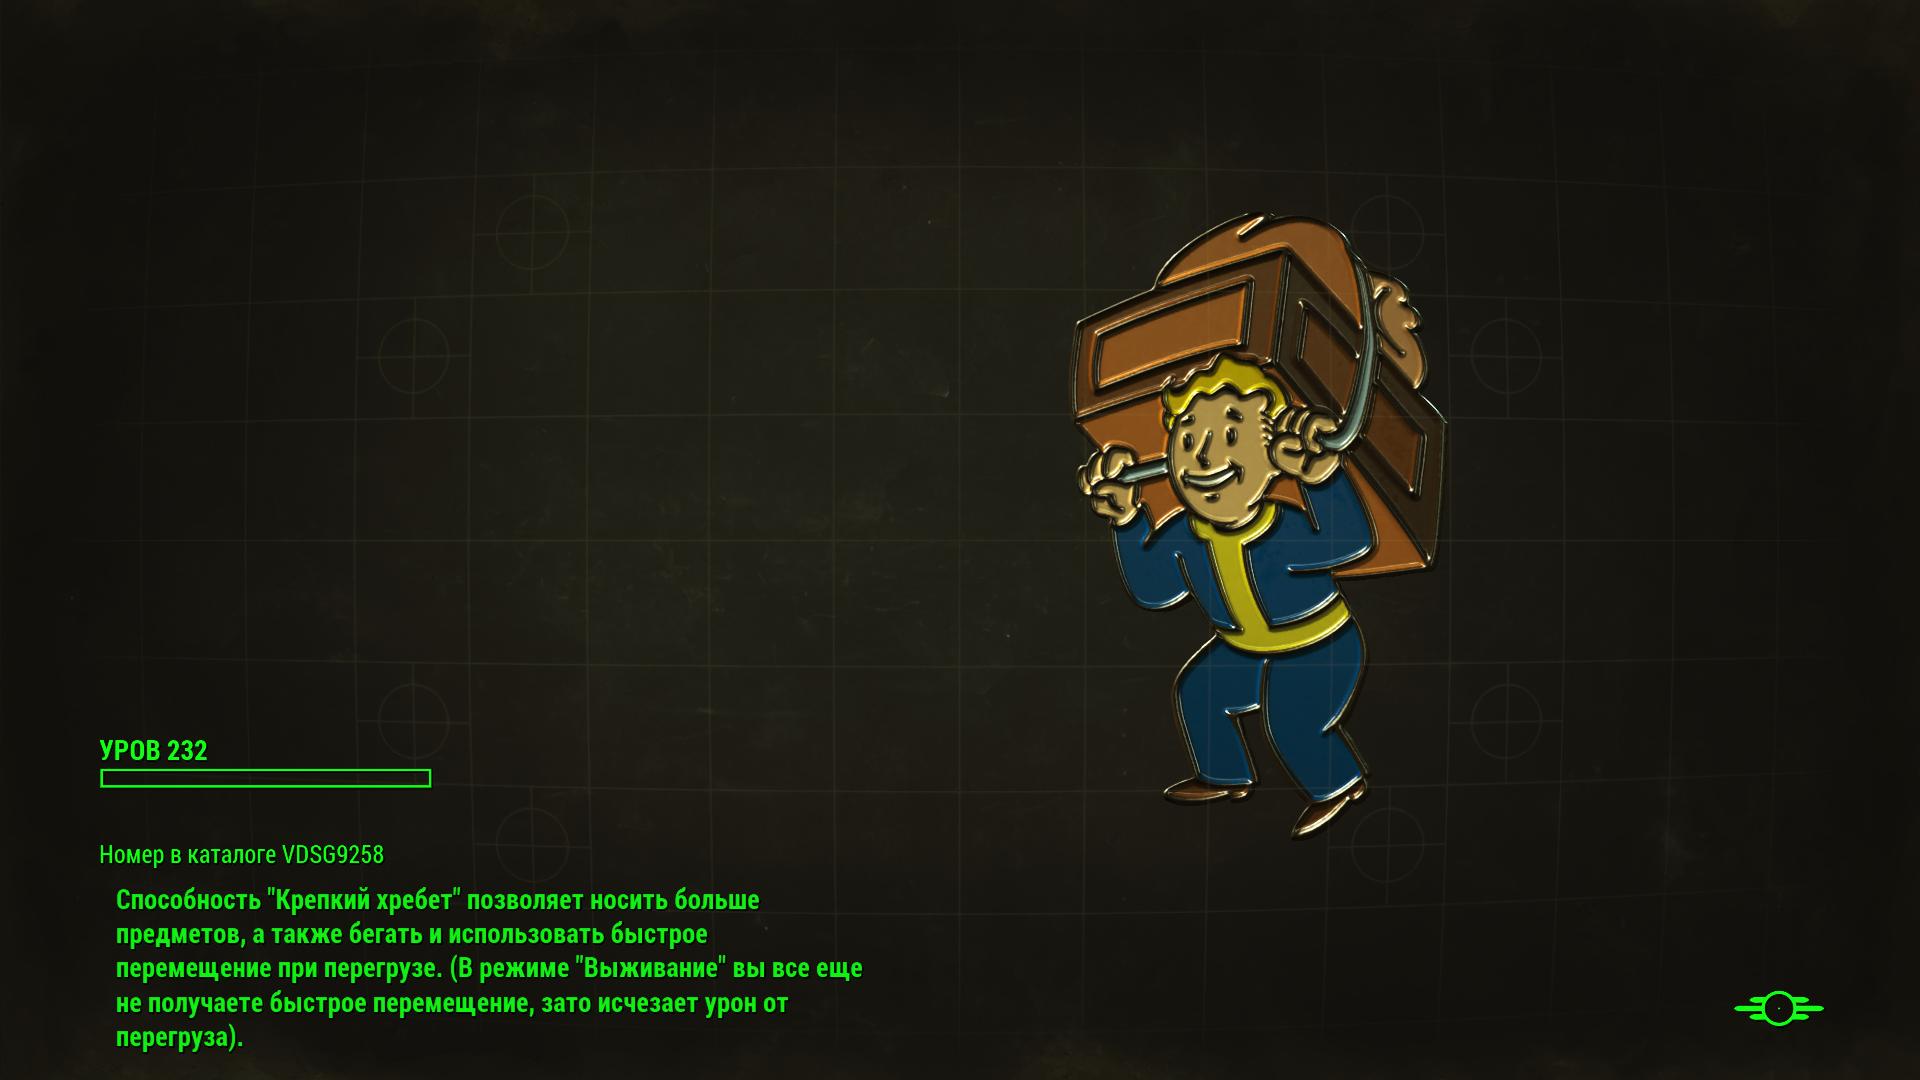 Крепкий хребет (Fallout 4)